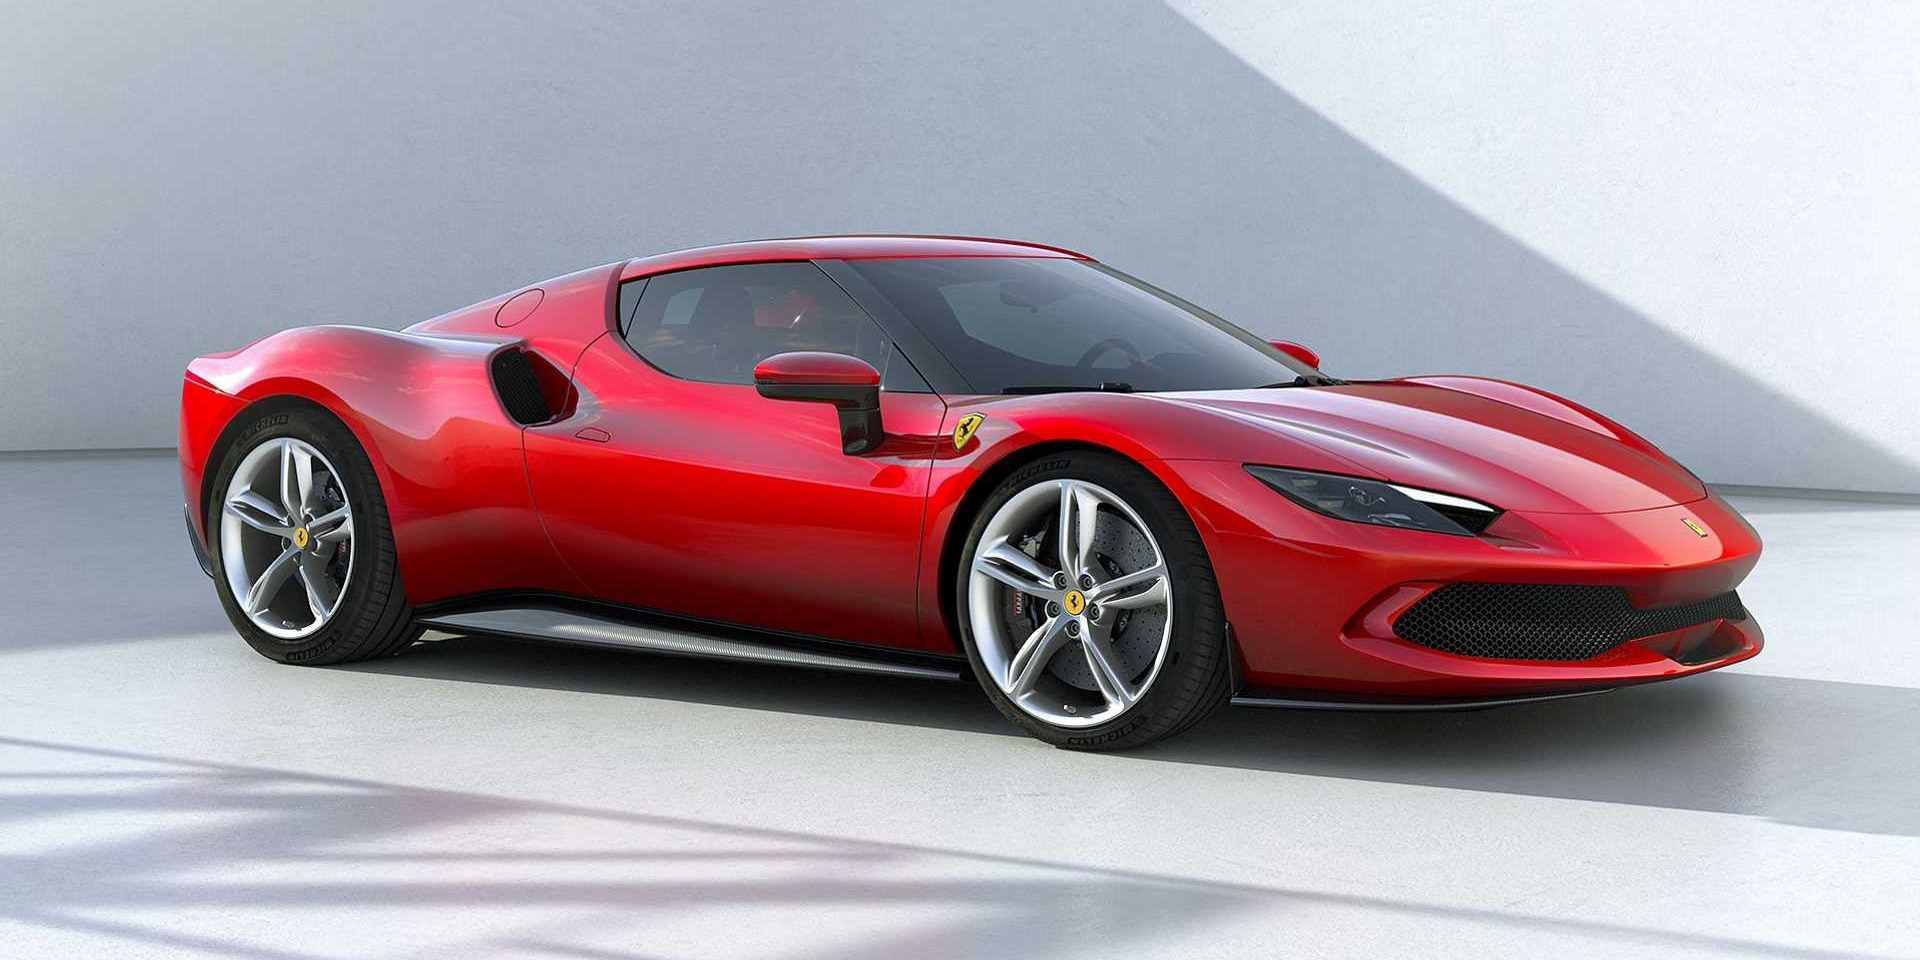 六缸Ferrari來了!296 GTB油電系統擁有830hp最大馬力!